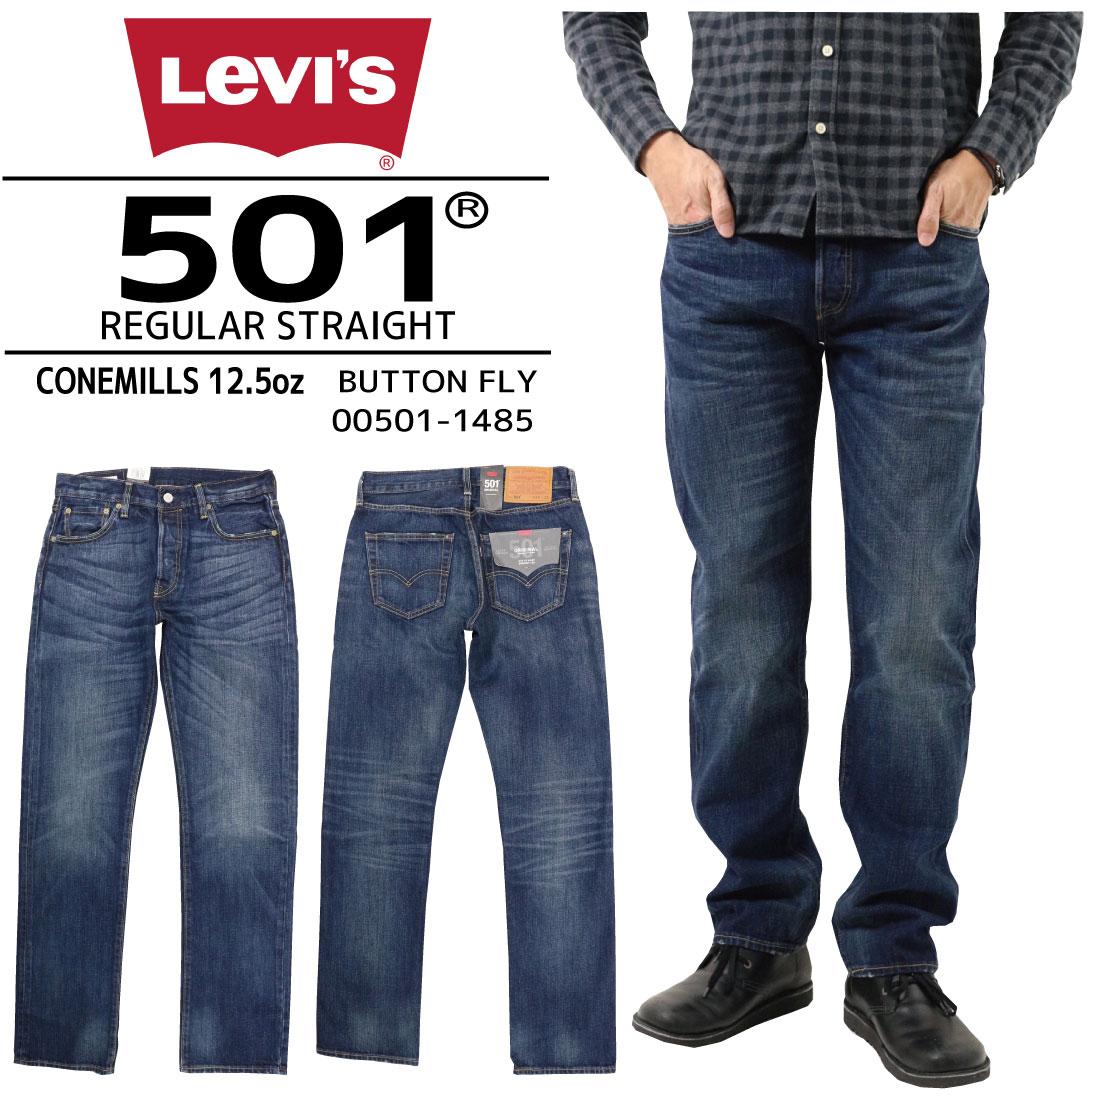 Levi's リーバイス 501 ジーンズ ボタンフライ レギュラー ストレート 00501-1485 ダークカラー ヴィンテージ 綿100% デニム メンズ ボトムス LEVI'S